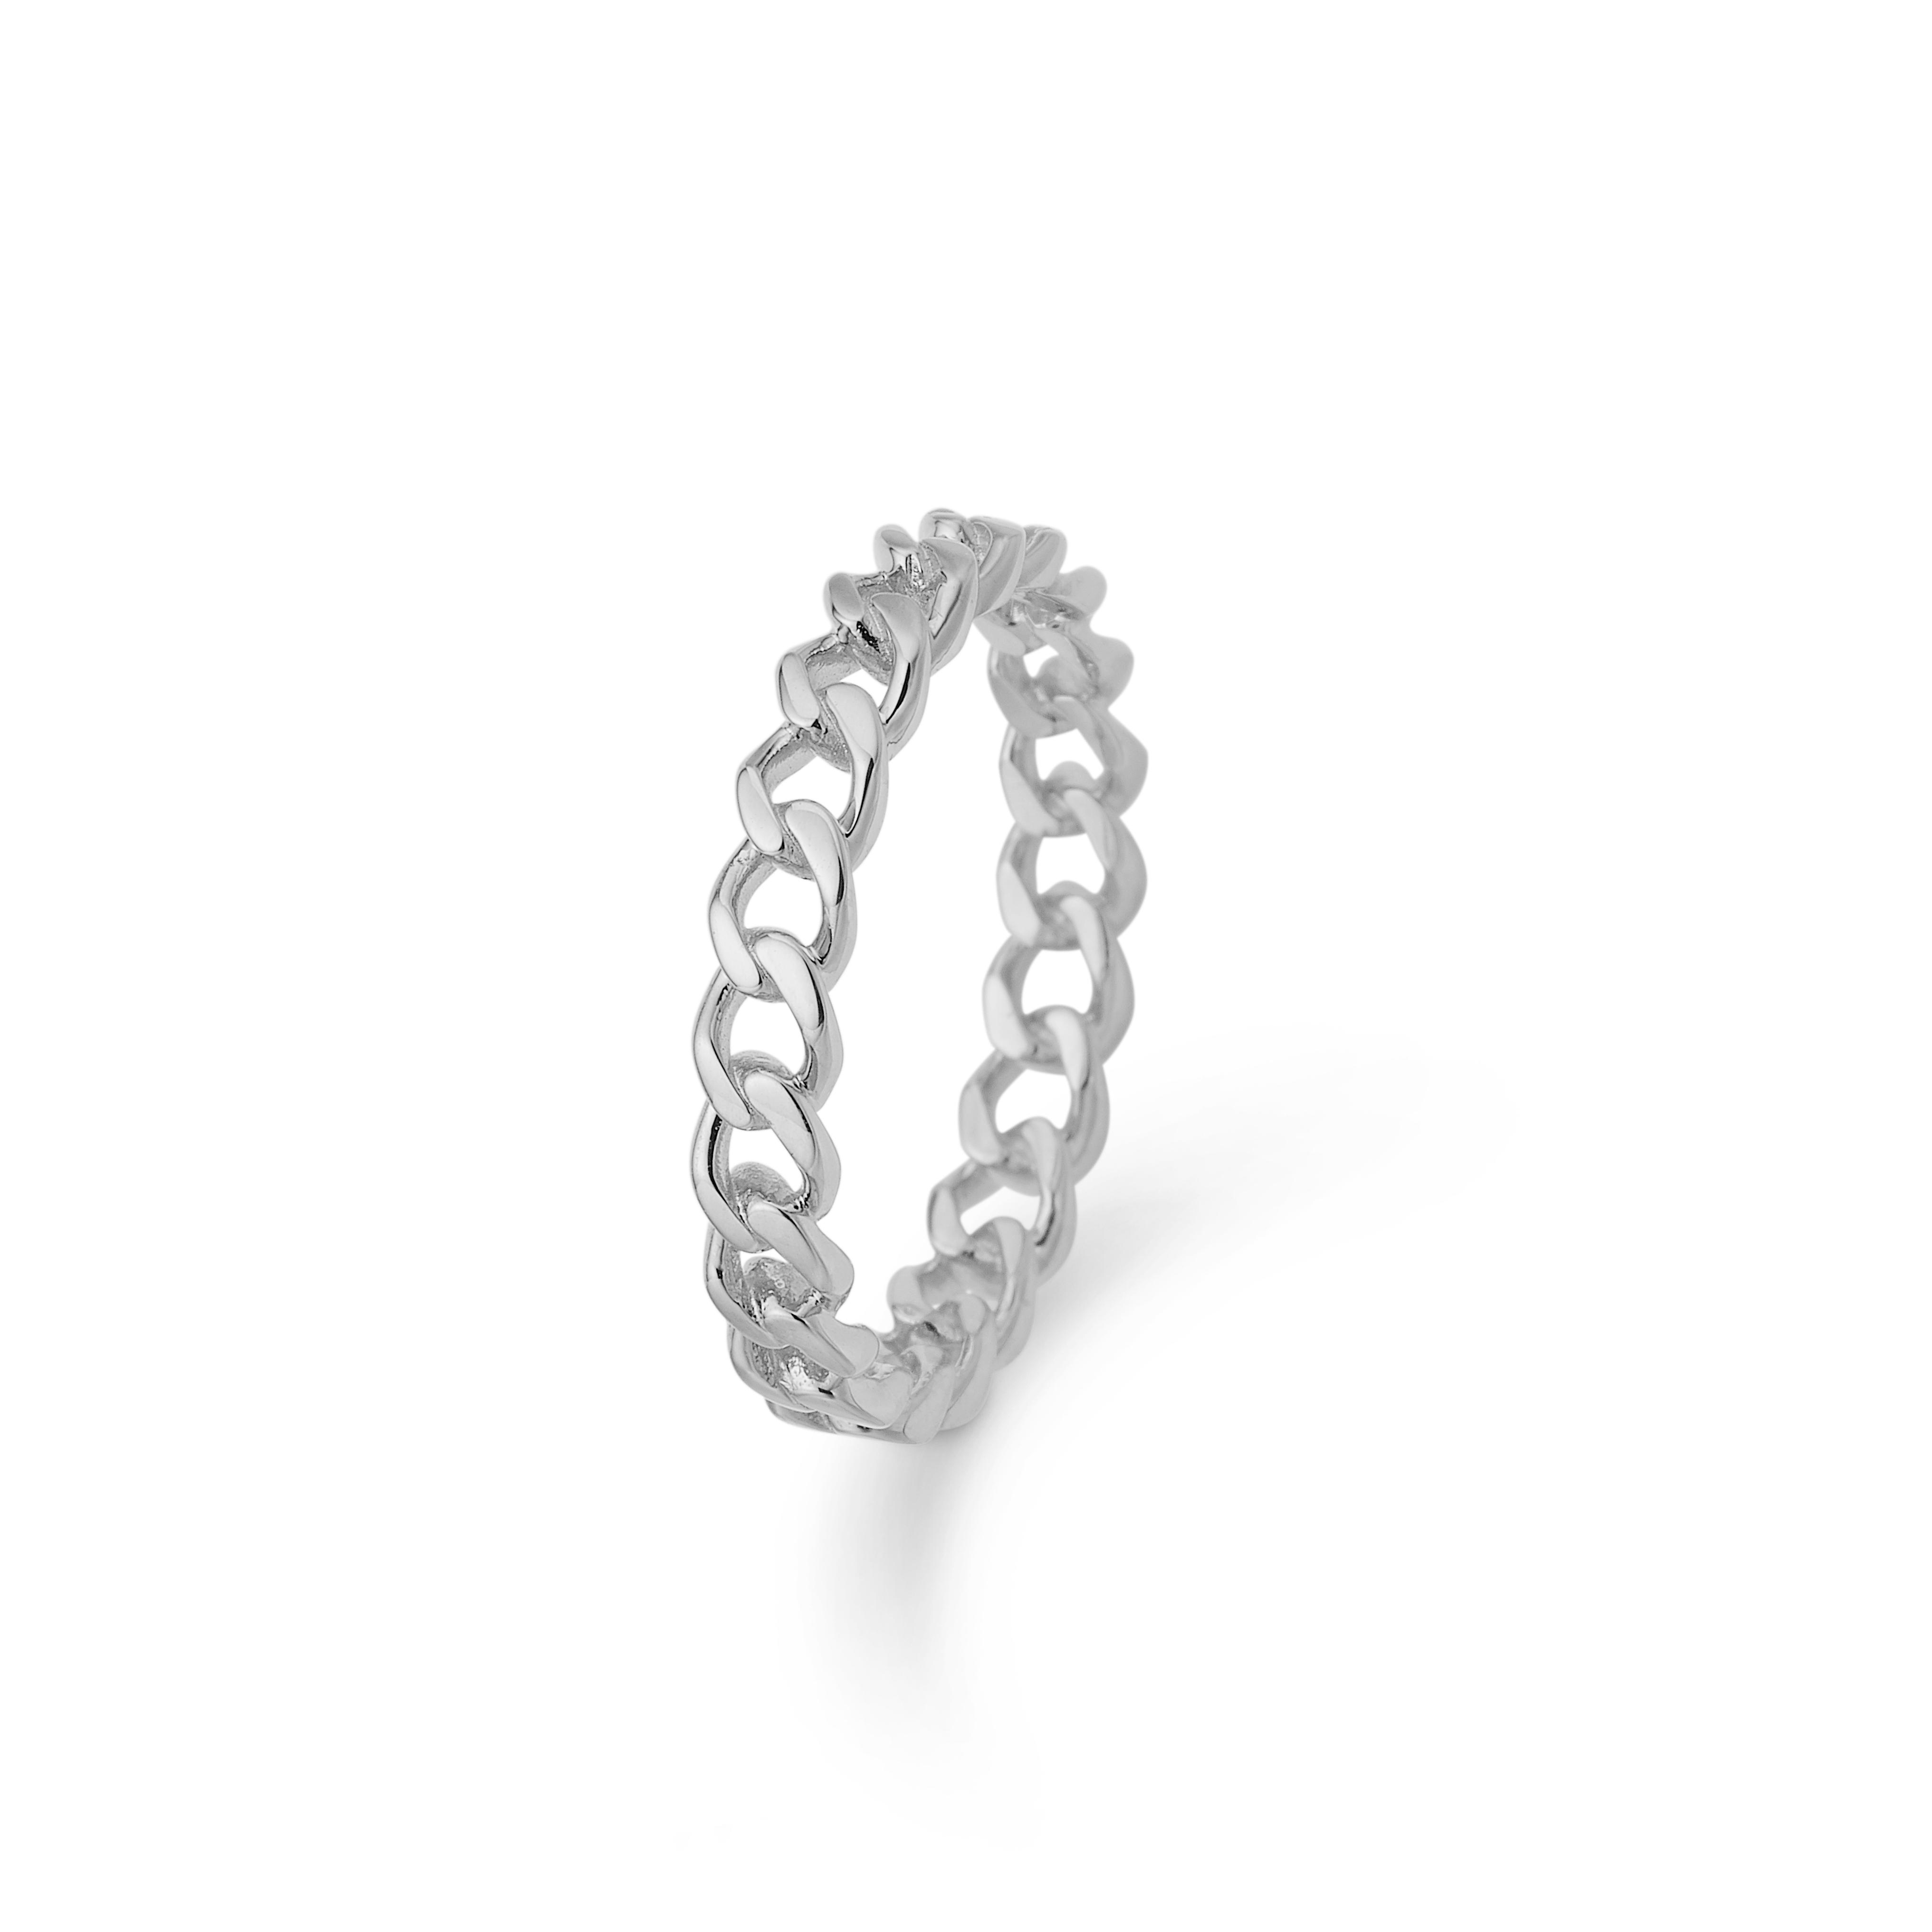 Mads Ziegler sølv ring Poetry - 2140045 Størrelse 56